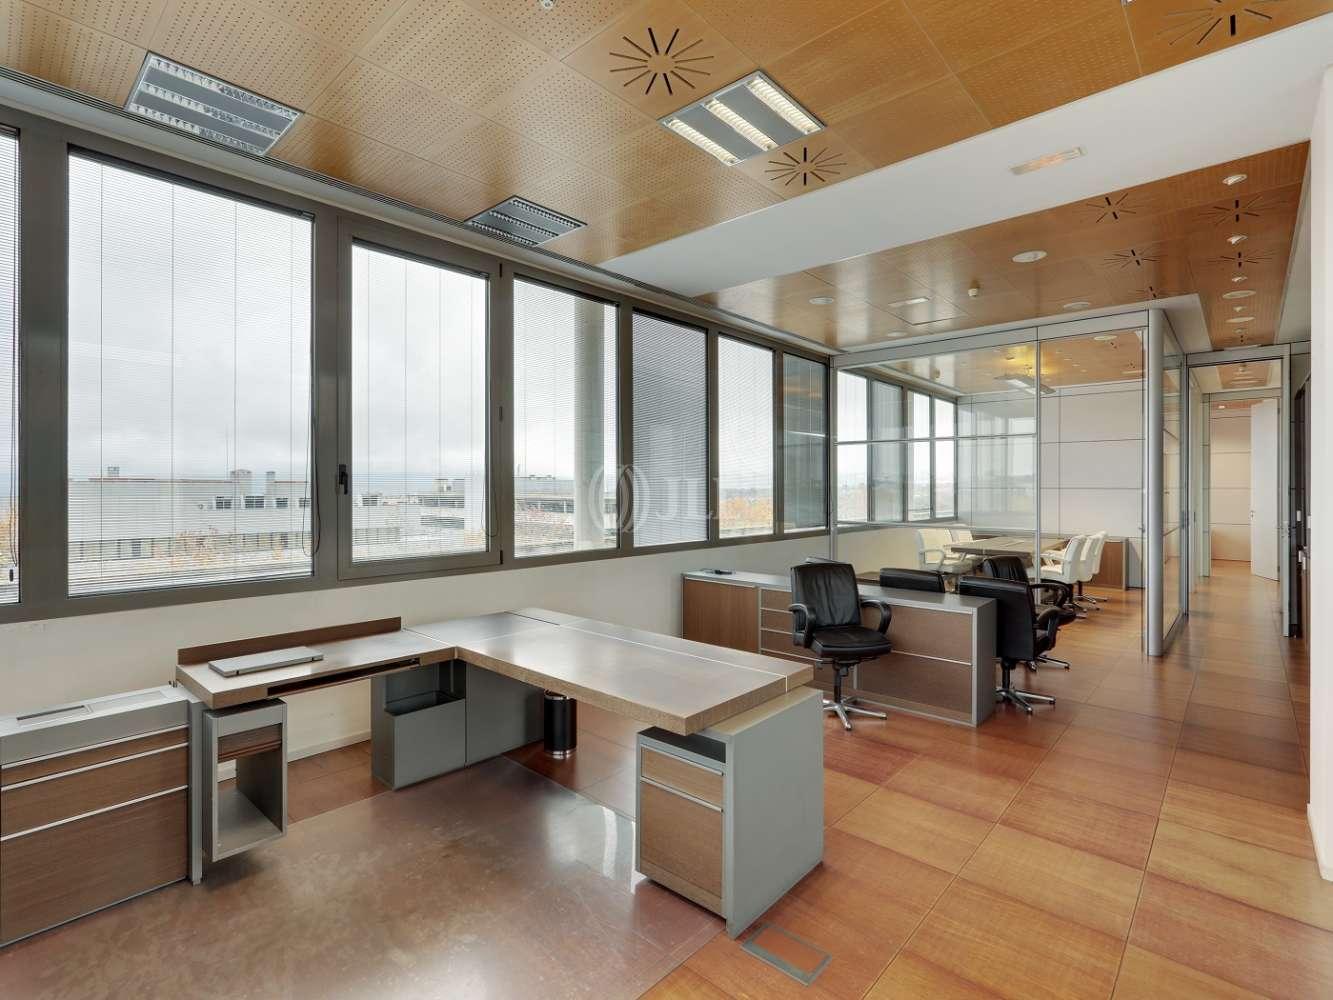 Oficina Las rozas de madrid, 28232 - Edificio 1 - 23186